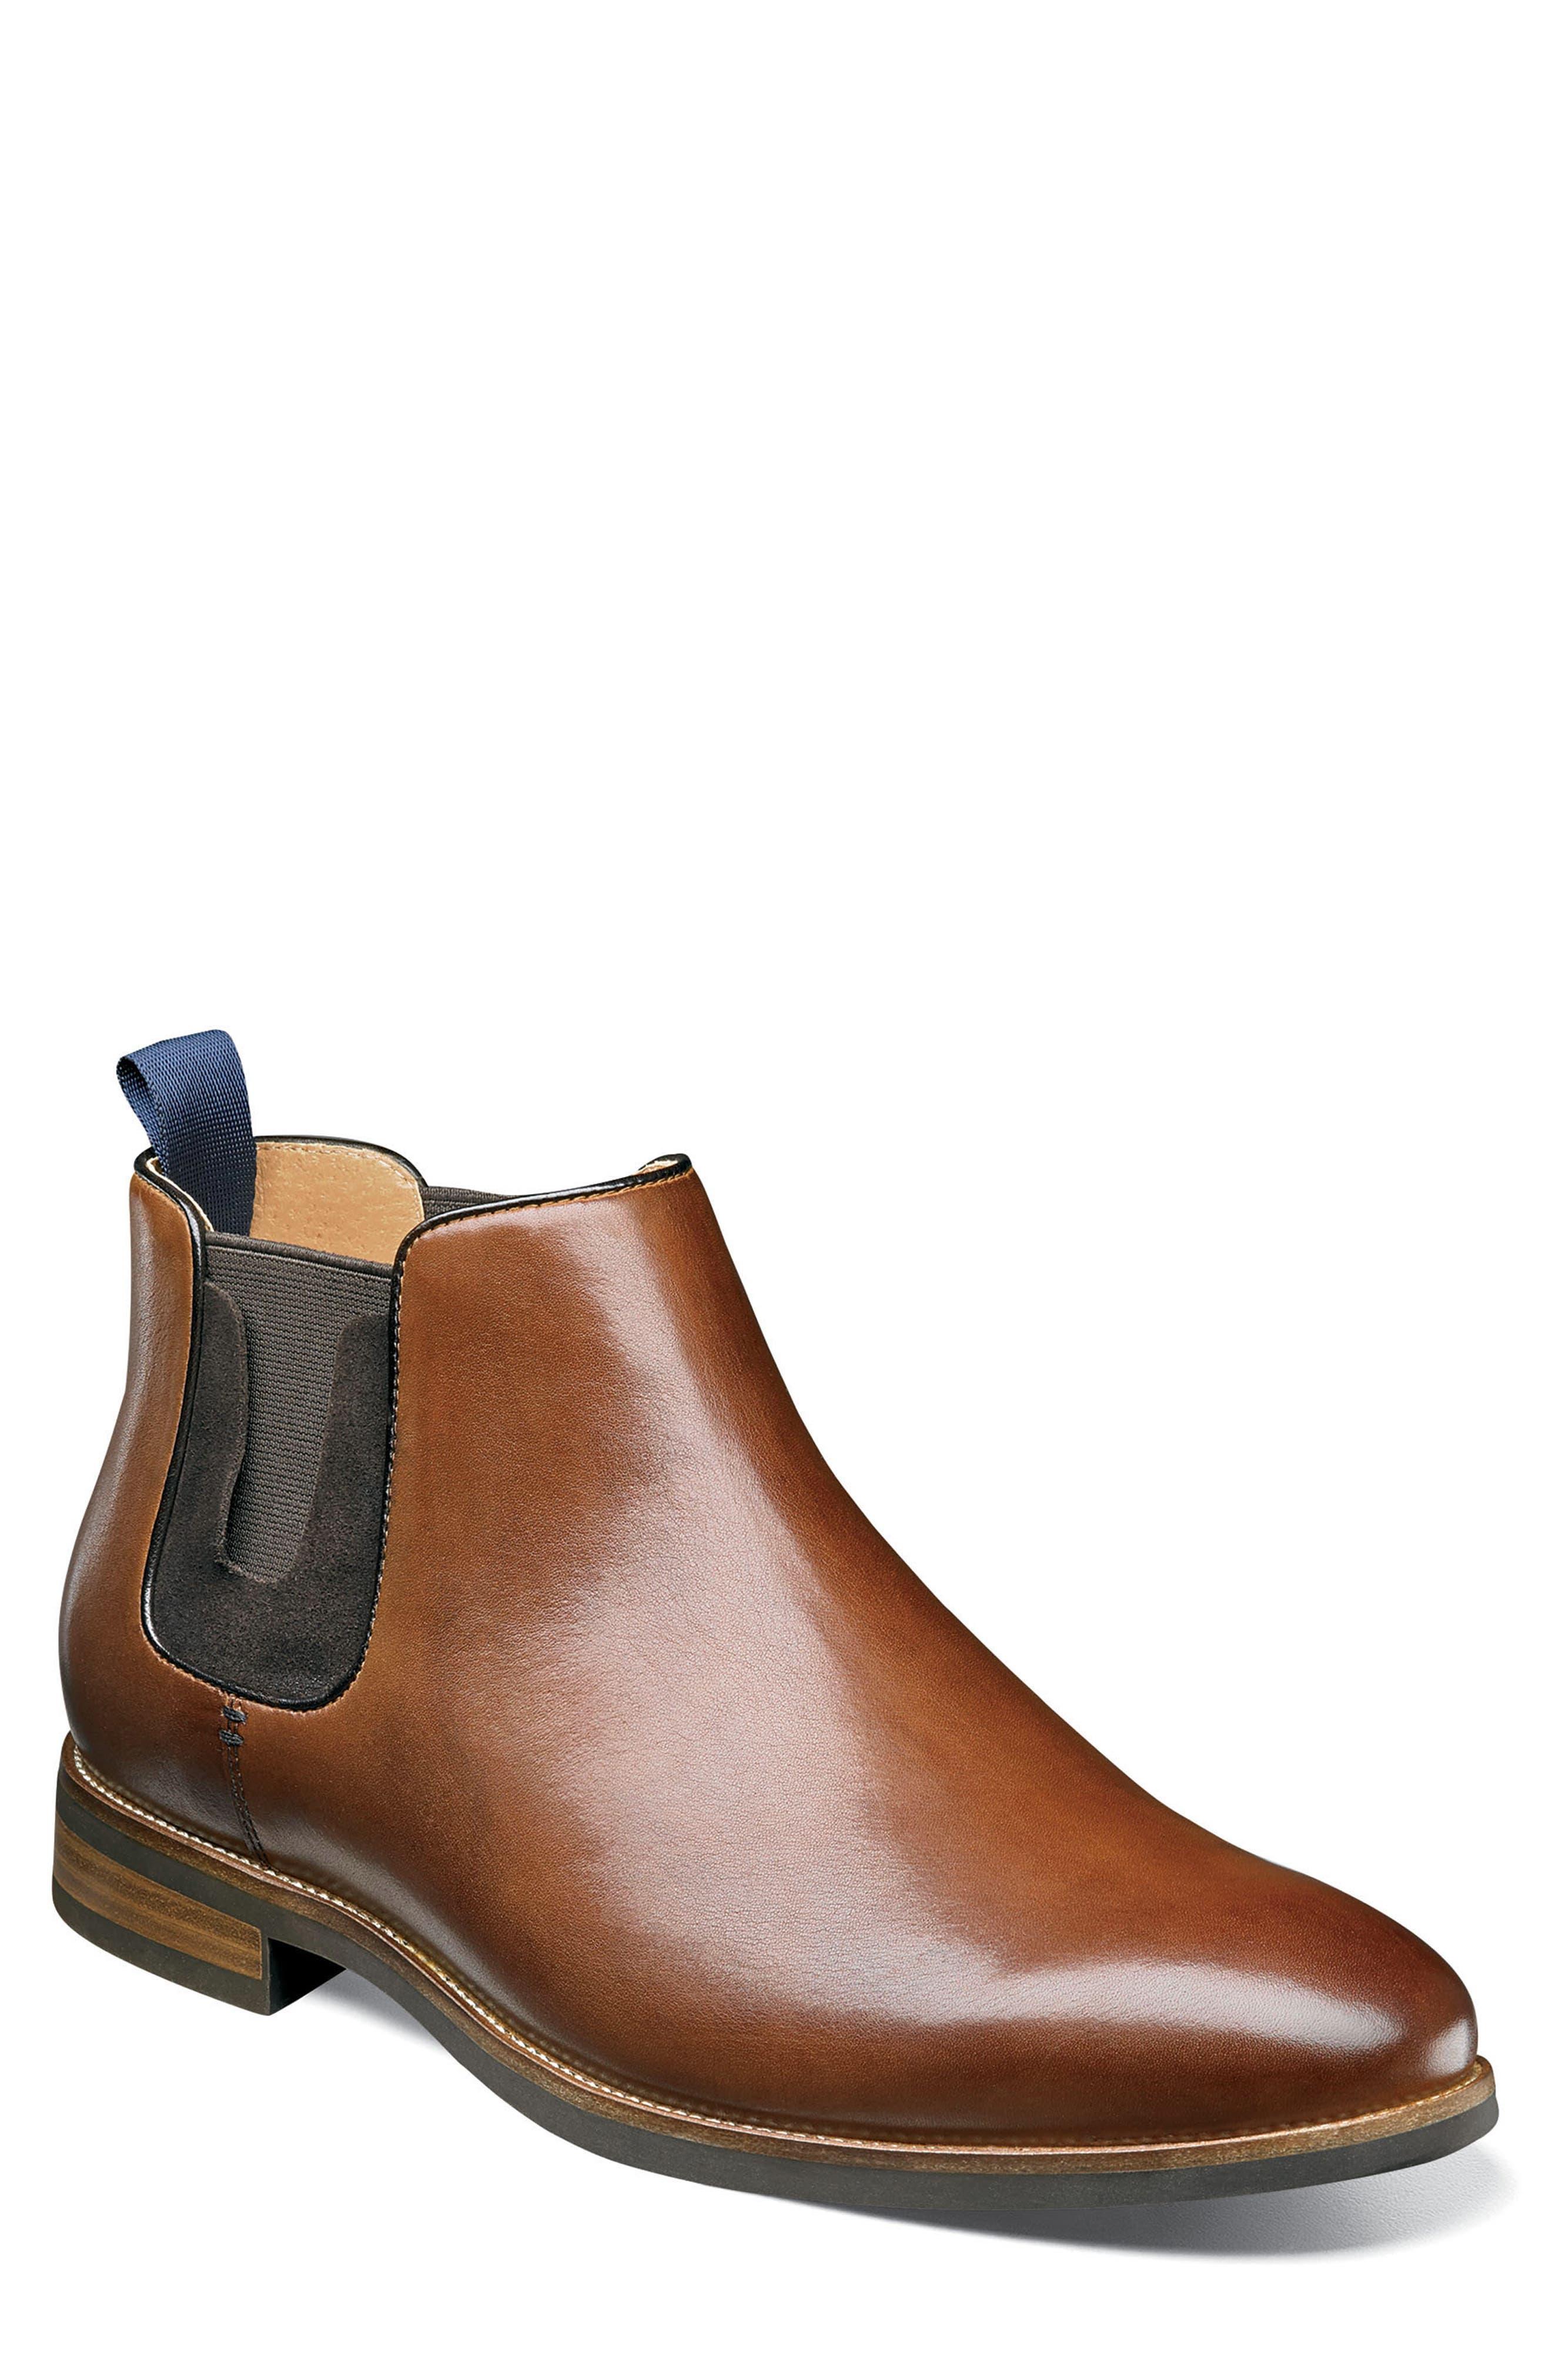 FLORSHEIM, Uptown Plain Toe Mid Chelsea Boot, Main thumbnail 1, color, COGNAC LEATHER